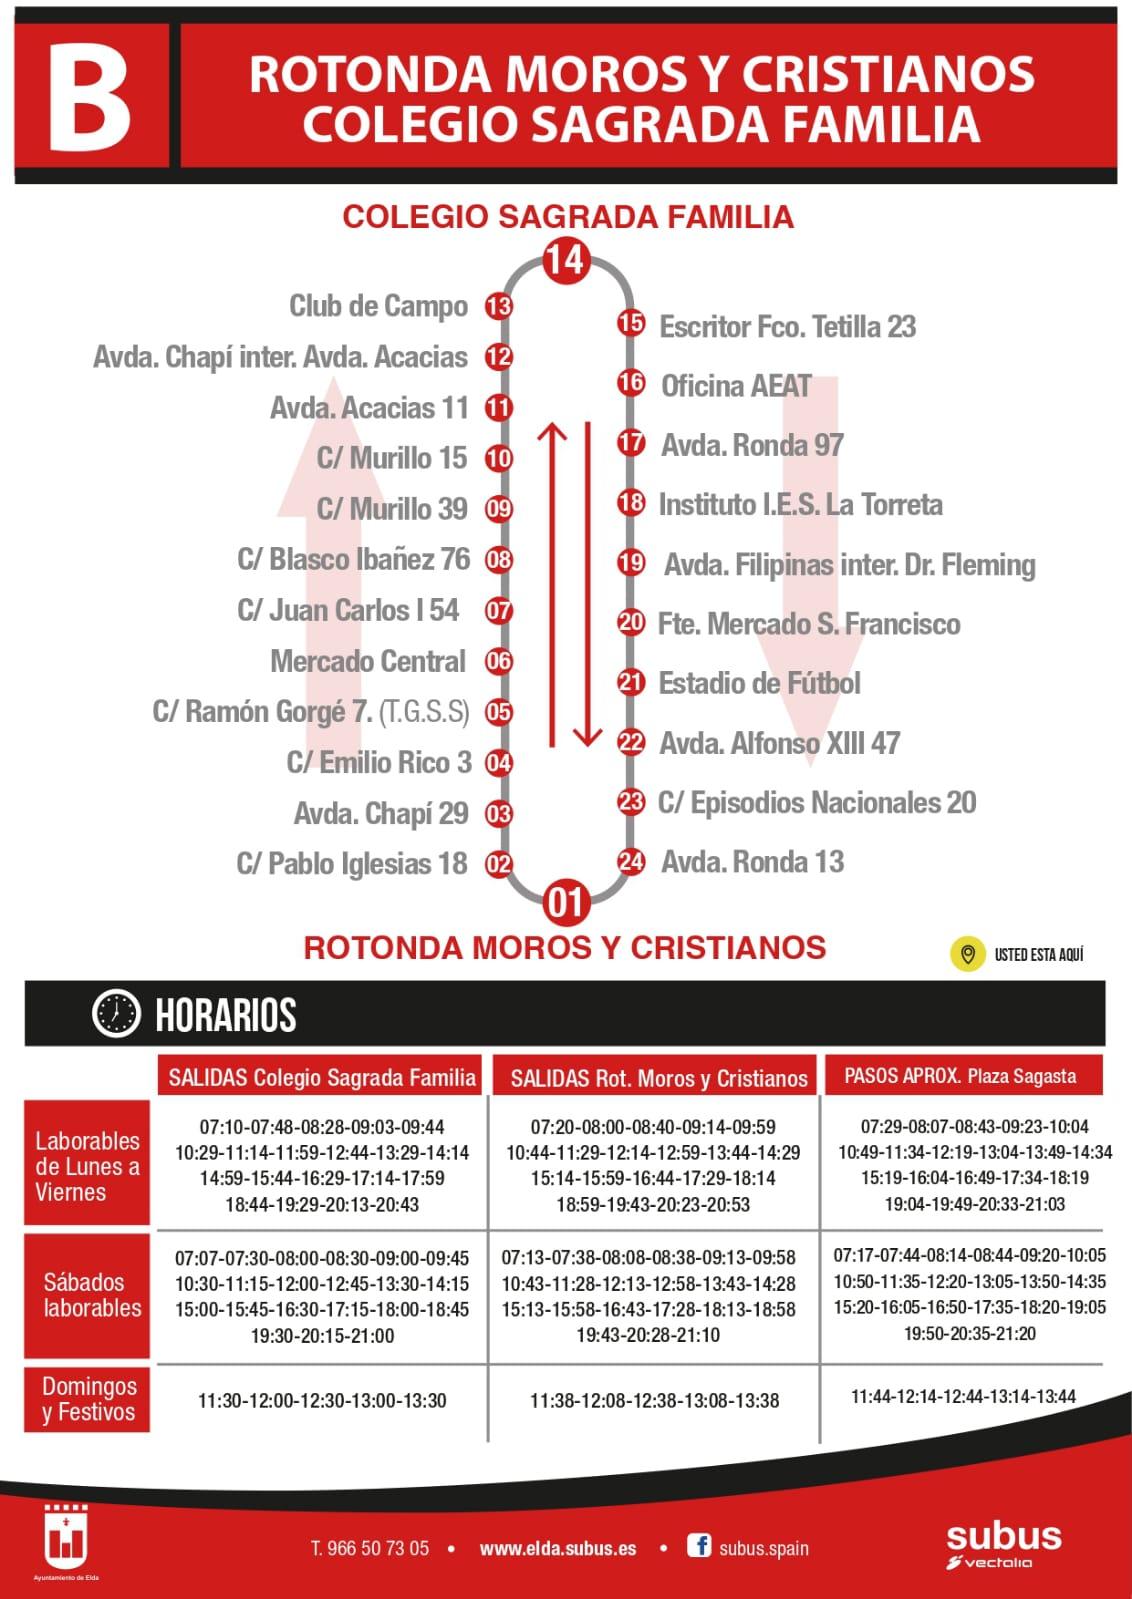 El Ayuntamiento de Elda y Vectalia normalizan a partir del próximo lunes los horarios de las líneas A y B de transporte urbano